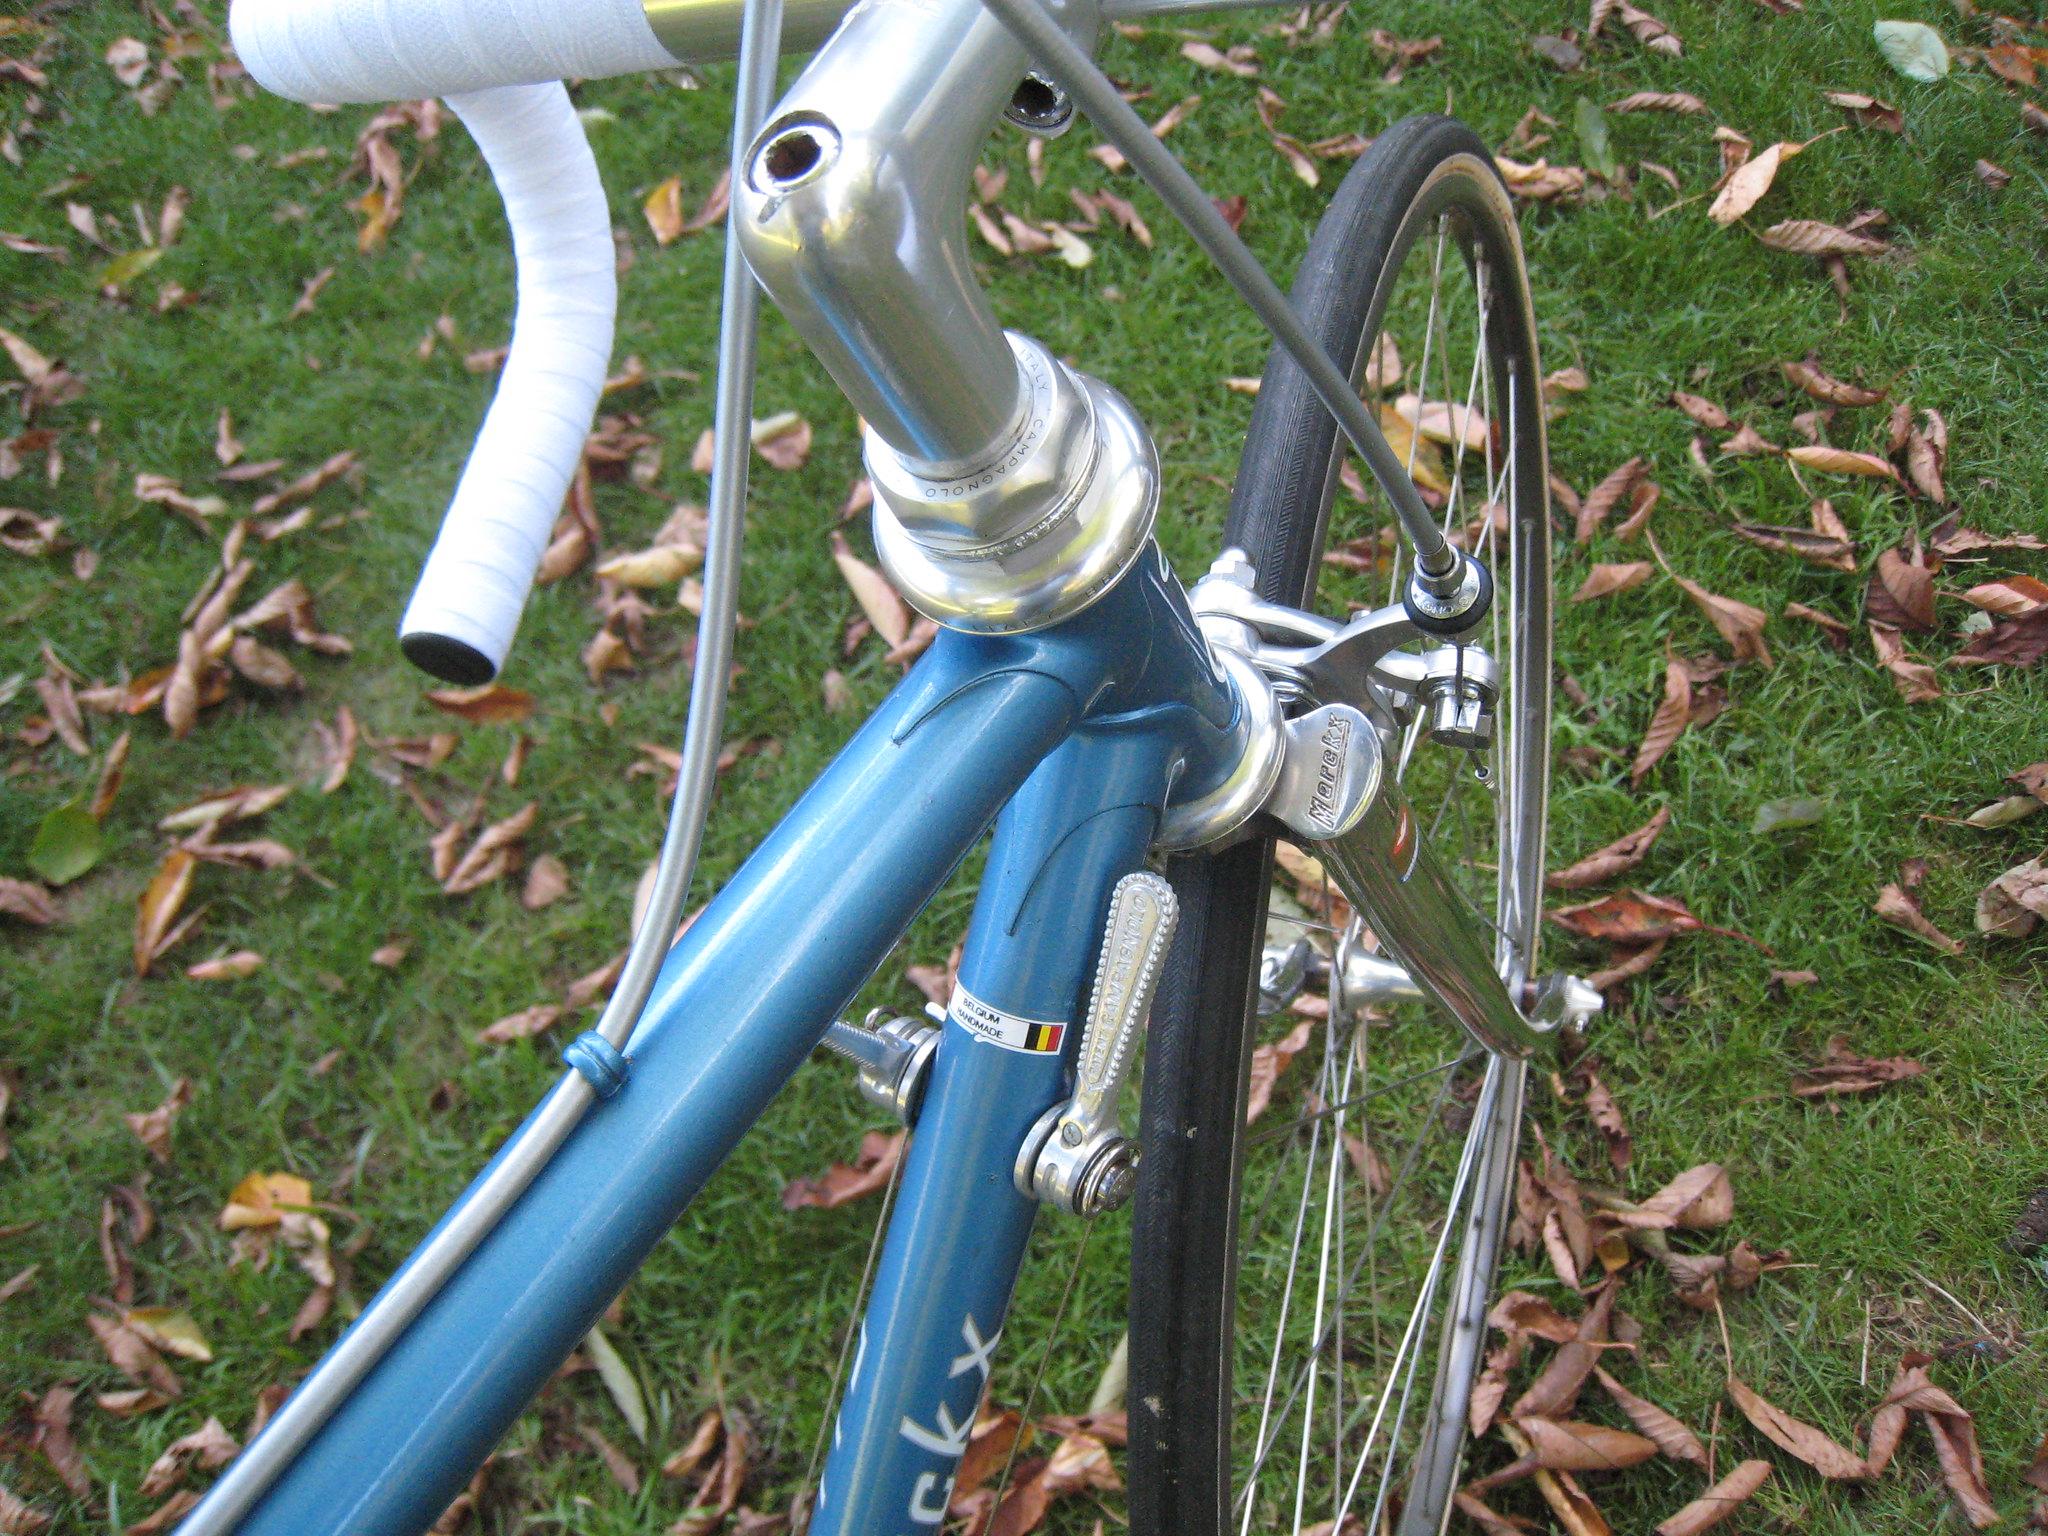 Eddy Merckx 1980 Bis 44189191804_68129c69df_k